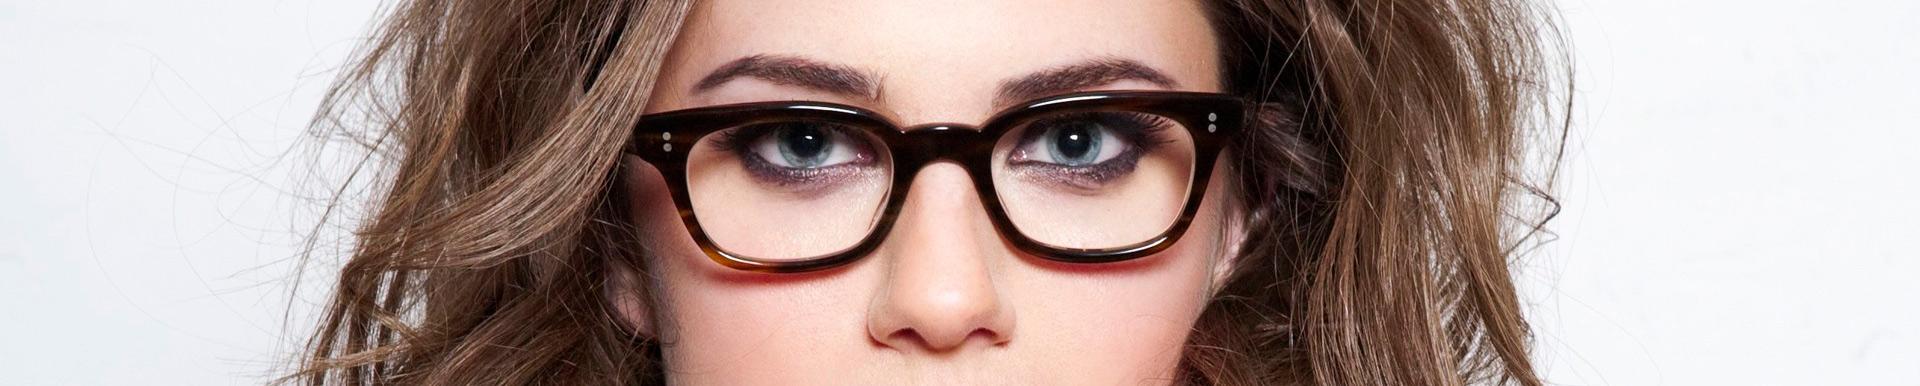 Maquillage parfait pour les fashionistas à lunettes